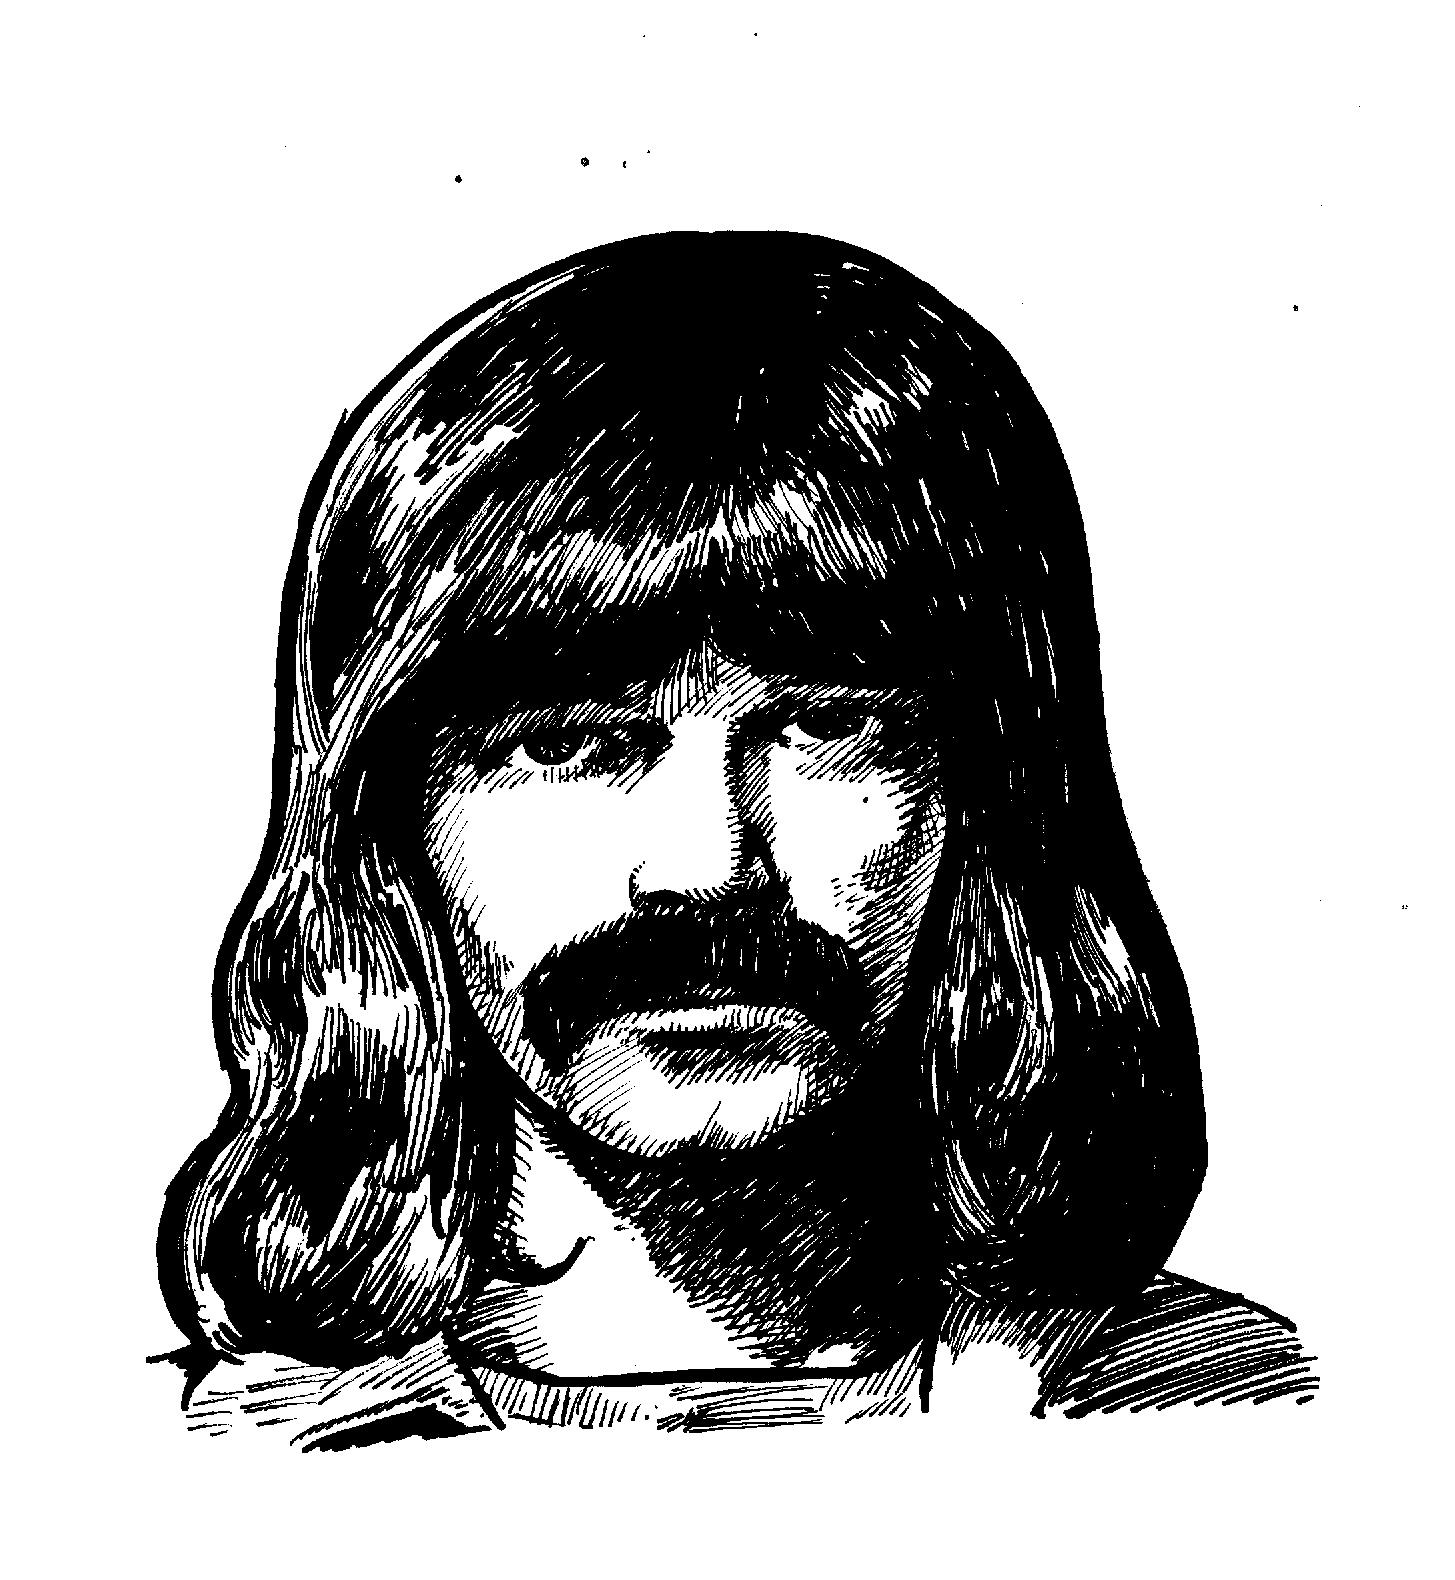 $200, Jon Lord of Deep Purple used in GZD